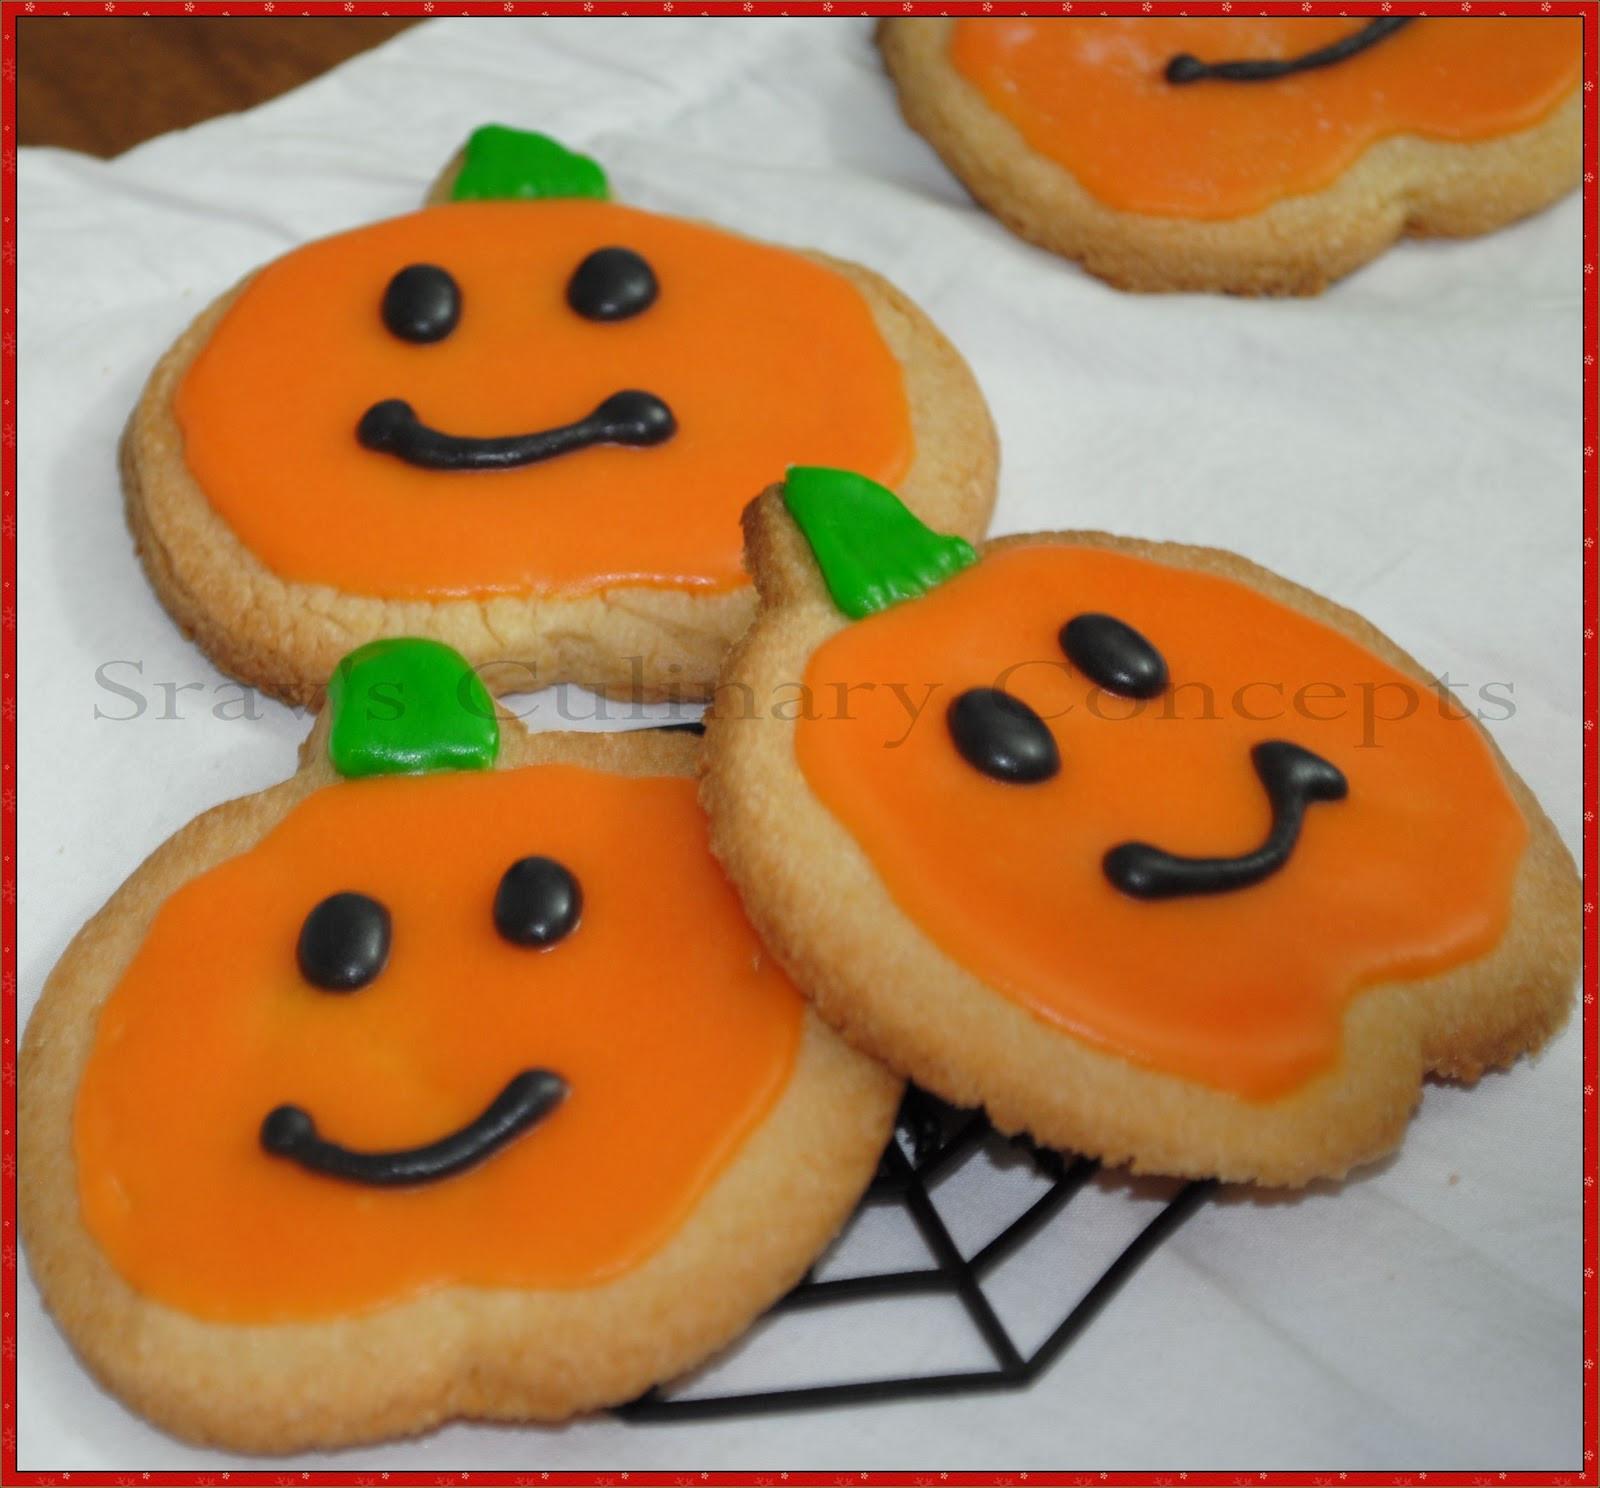 Halloween Sugar Cookies  Srav s Culinary Concepts Halloween Sugar Cookies with